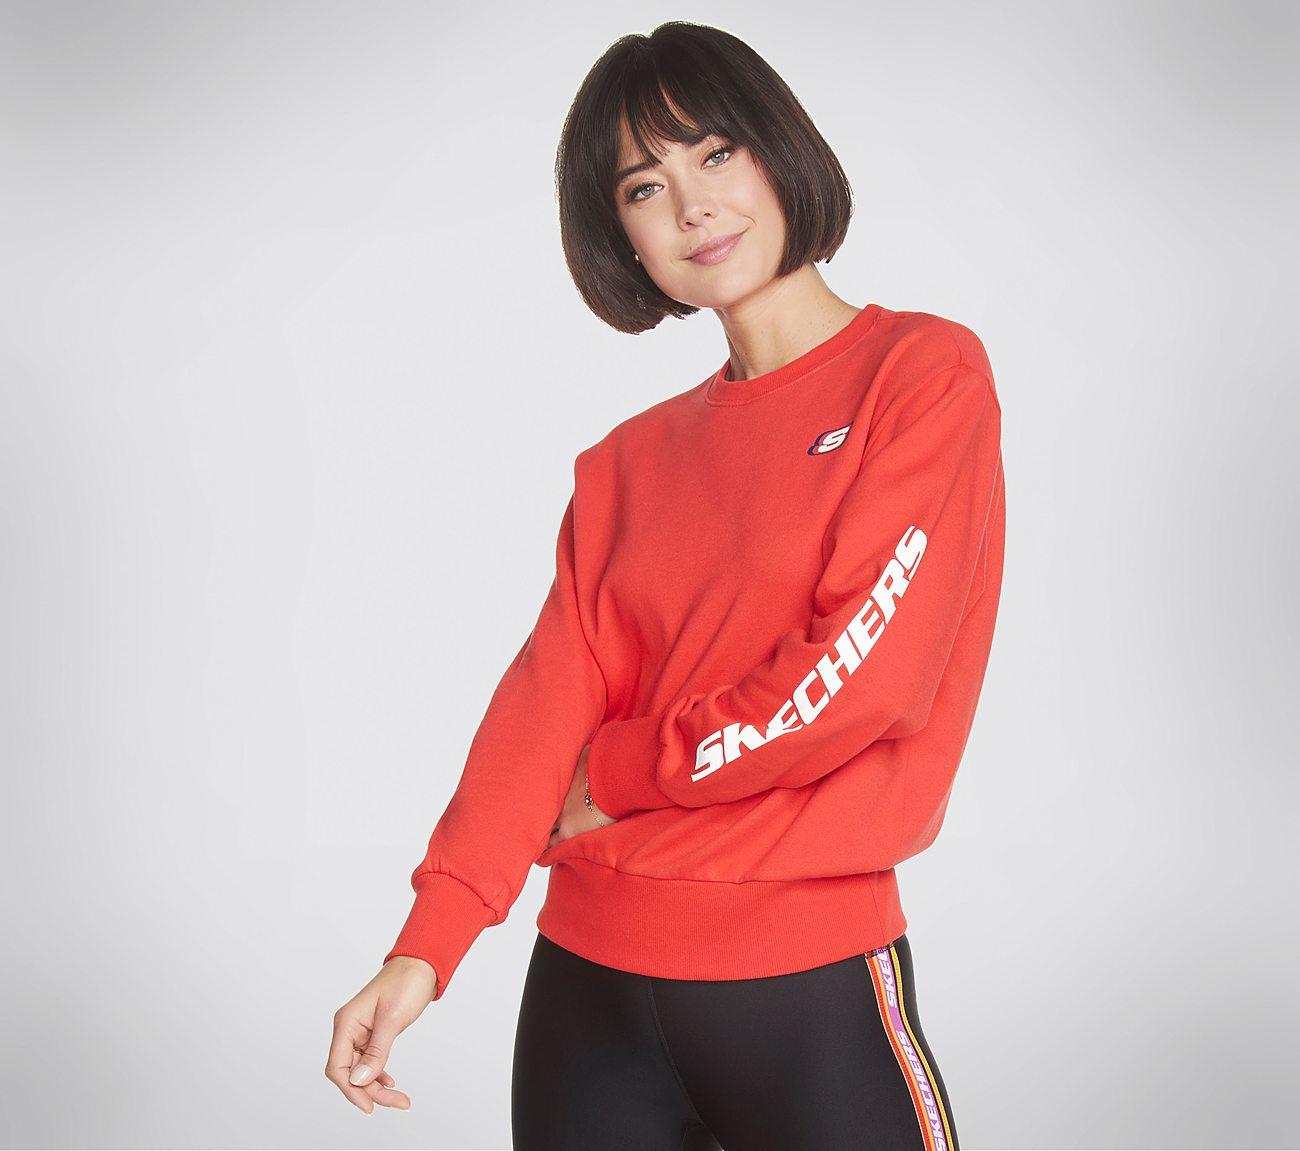 Skechers Apparel Heritage Crewneck Sweatshirt